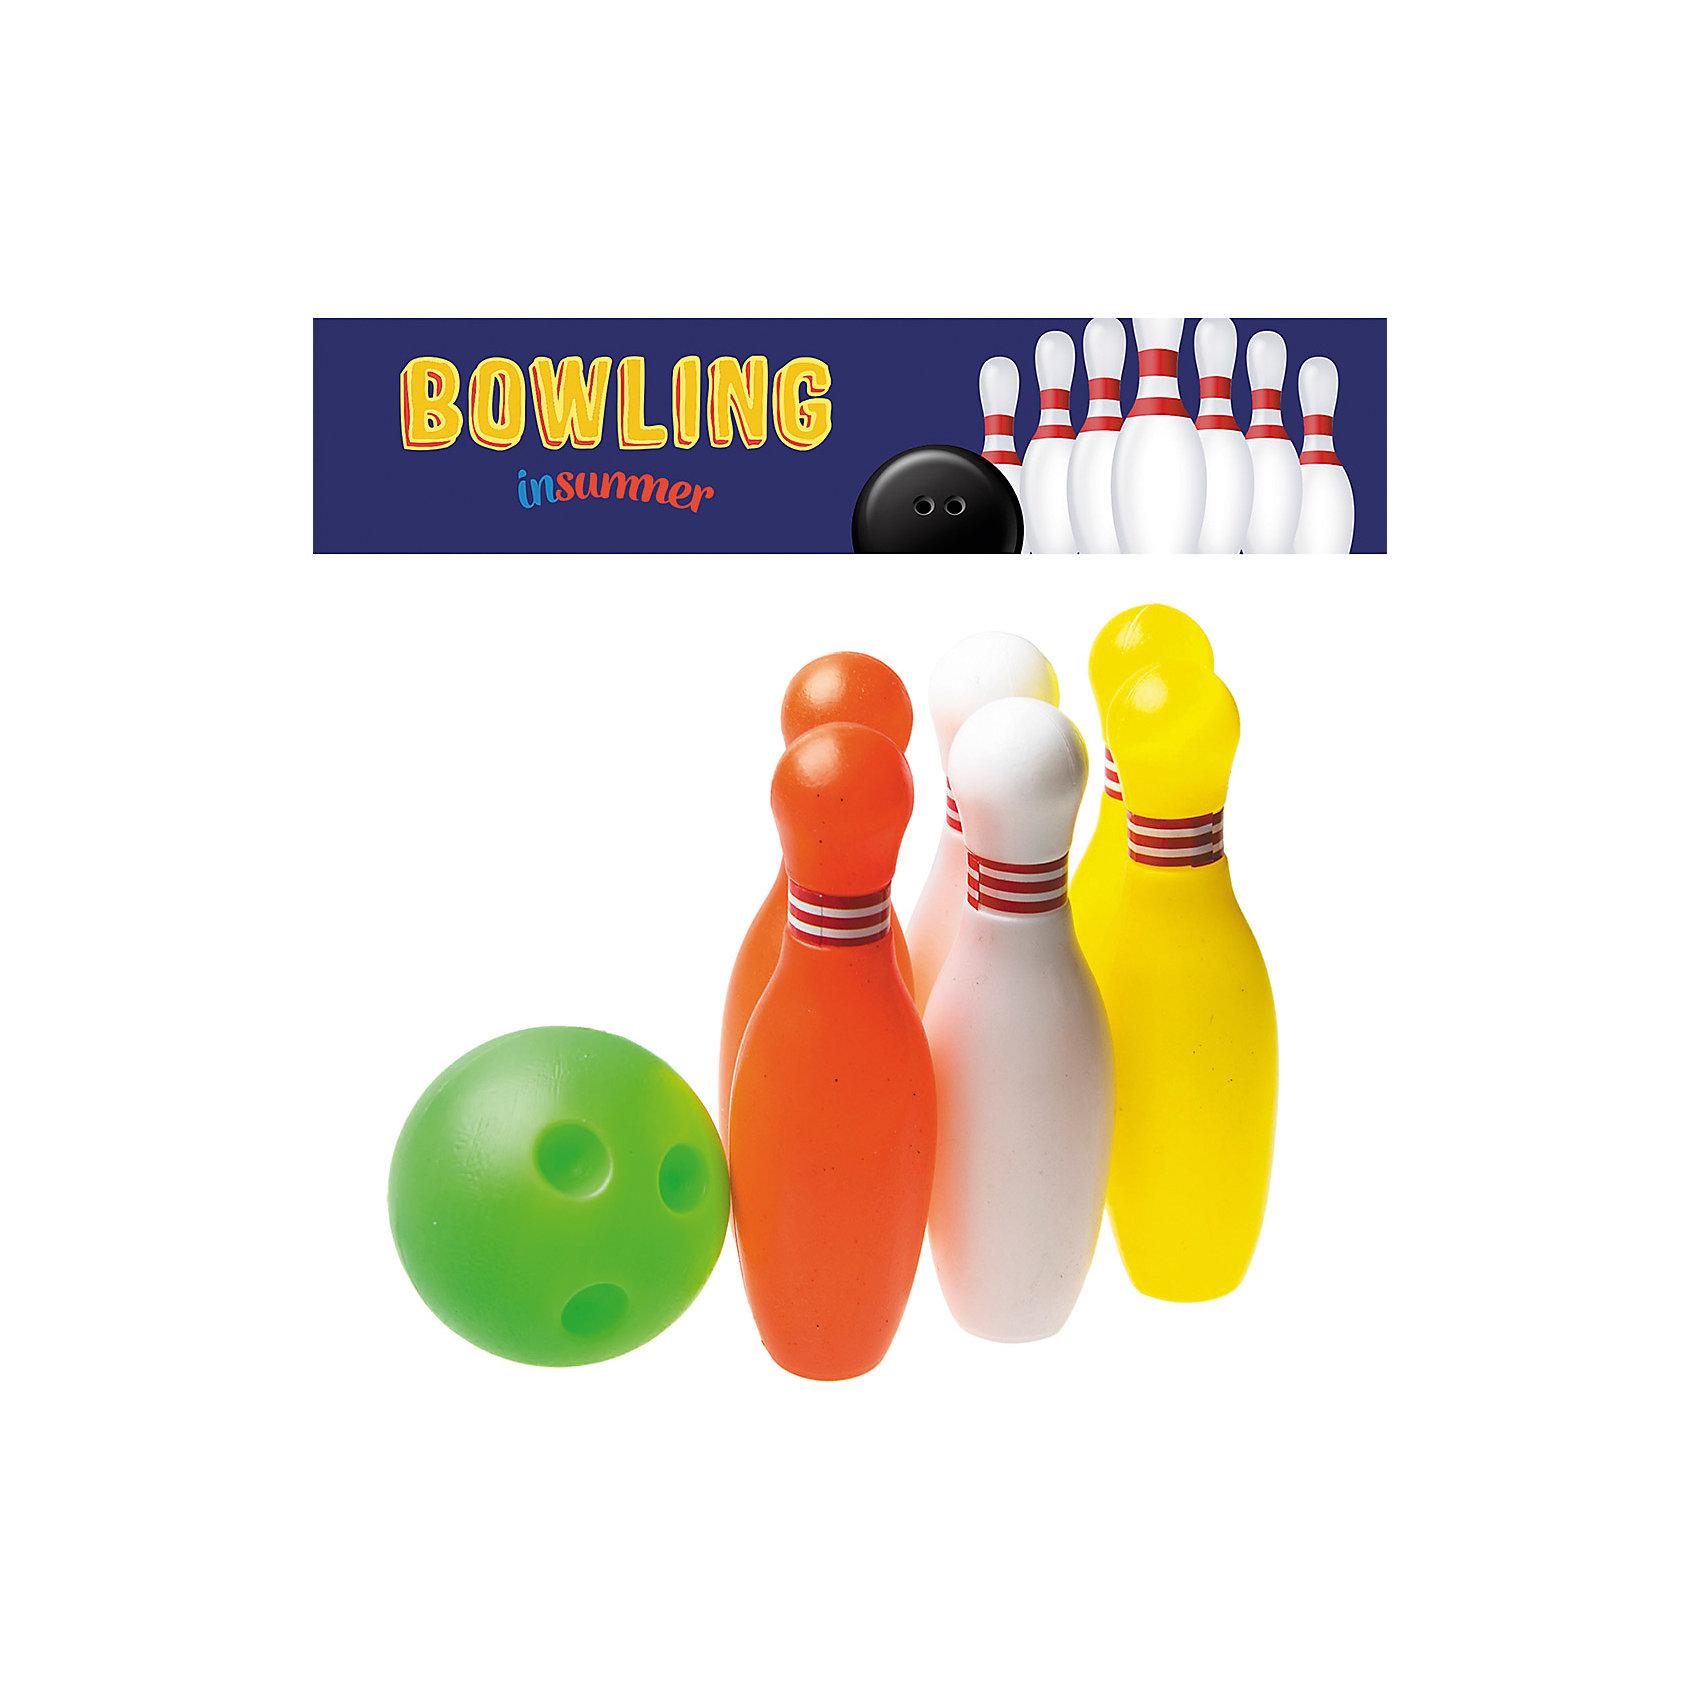 Набор для игры в боулинг Страйк в сетке, InSummerИгровые наборы<br>Страйк - набор для игры в боулинг, состоящий из семи предметов. Правила игры очень просты: нужно выставить разноцветные кегли и попытаться сбить их мячом. Игра в боулинг дома никогда не даст ребенку заскучать!<br><br>Дополнительная информация:<br>В наборе: 6 кеглей(2 красные, 2 белые, 2 желтые), мяч<br>Материал: пластик<br>Высота кеглей: 11 см<br>Вес: 350 грамм<br>Набор для игры в боулинг Страйк вы можете купить в нашем интернет-магазине.<br><br>Ширина мм: 100<br>Глубина мм: 1100<br>Высота мм: 120<br>Вес г: 350<br>Возраст от месяцев: 36<br>Возраст до месяцев: 192<br>Пол: Унисекс<br>Возраст: Детский<br>SKU: 4753597